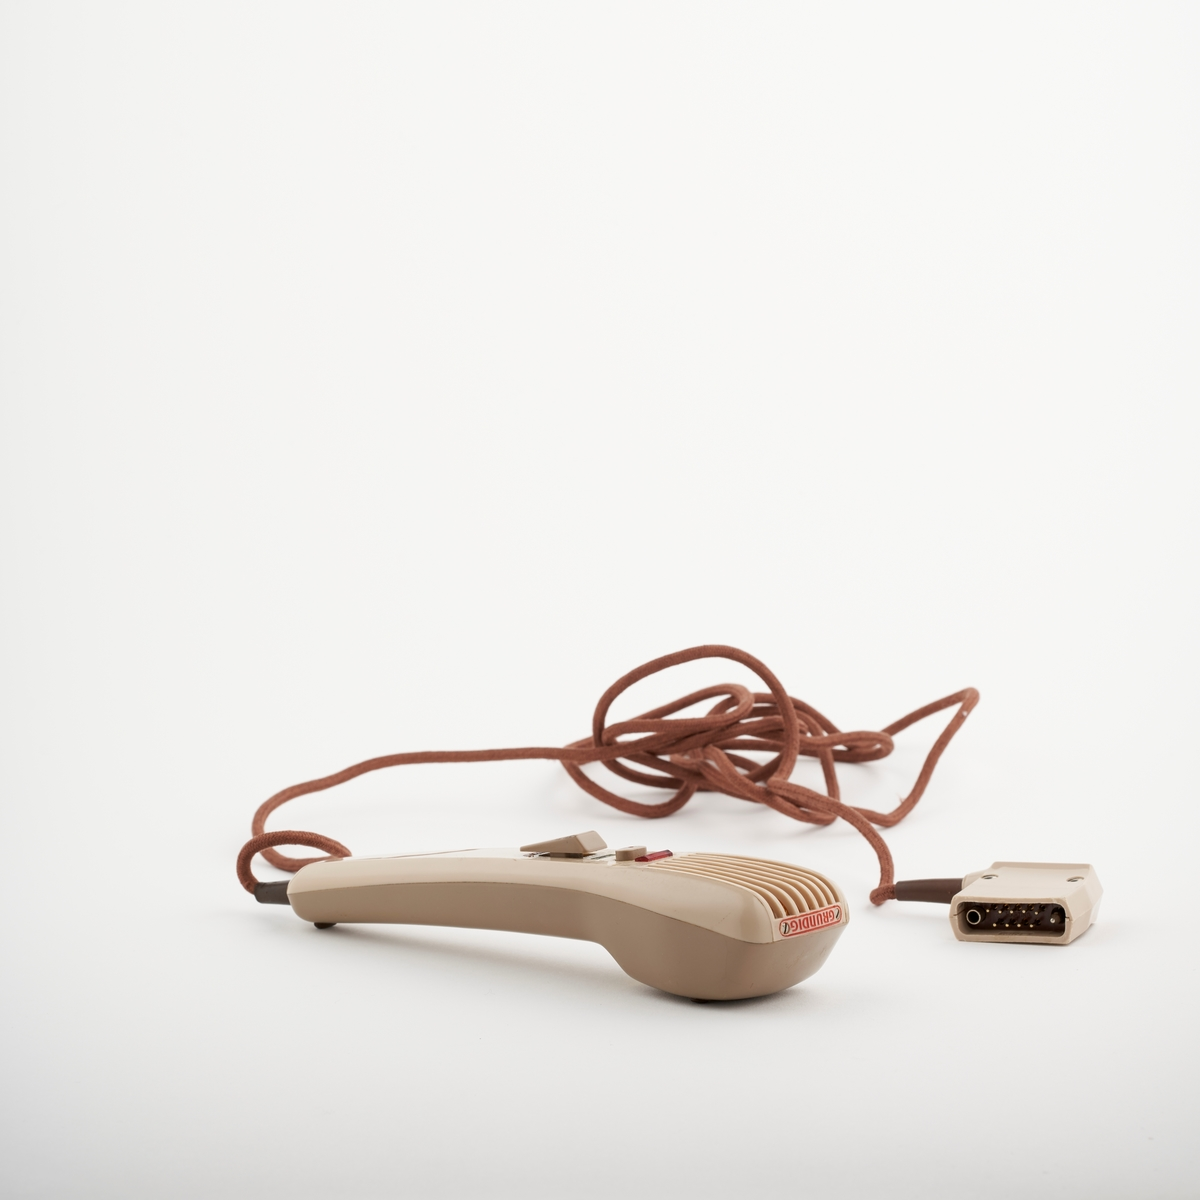 Håndholdt mikrofon. Mikrofonen har to knapper. Den ene er til å starte og stoppe innspilling.  Er sansynelig blitt solgt av frimaet til Gustav Alfred Ring. Firmaet ble etablerte i Kristiania i 1915 og drev import og salg av maskiner til butikker, restauranter og kontorer.  NAV-samlingen er en gruppe av gjenstander som har vært anvendt på sosialkontoret (Aetat - NAV) i Skedsmo kommune.